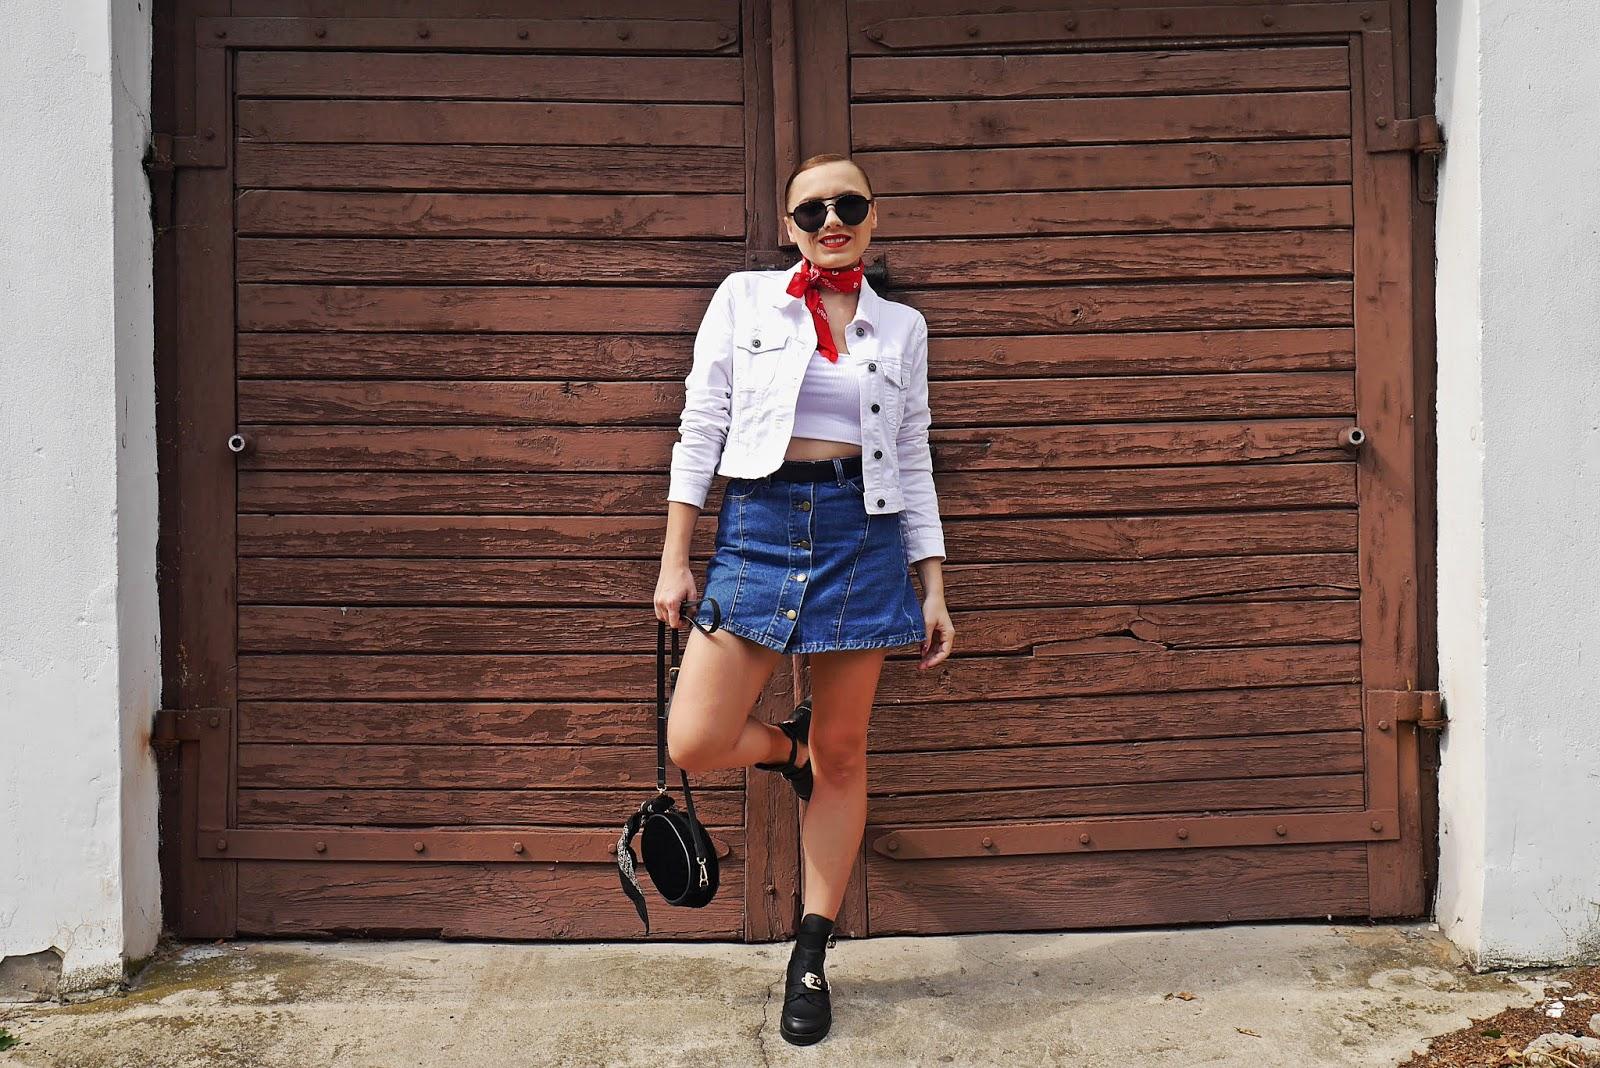 spódnica jeansowa biała kurtka czerwona apaszka wycięte botki renee karyn blog modowy blogerka modowa stylizacja blog ze stylizacjami dla kobiet bonprix